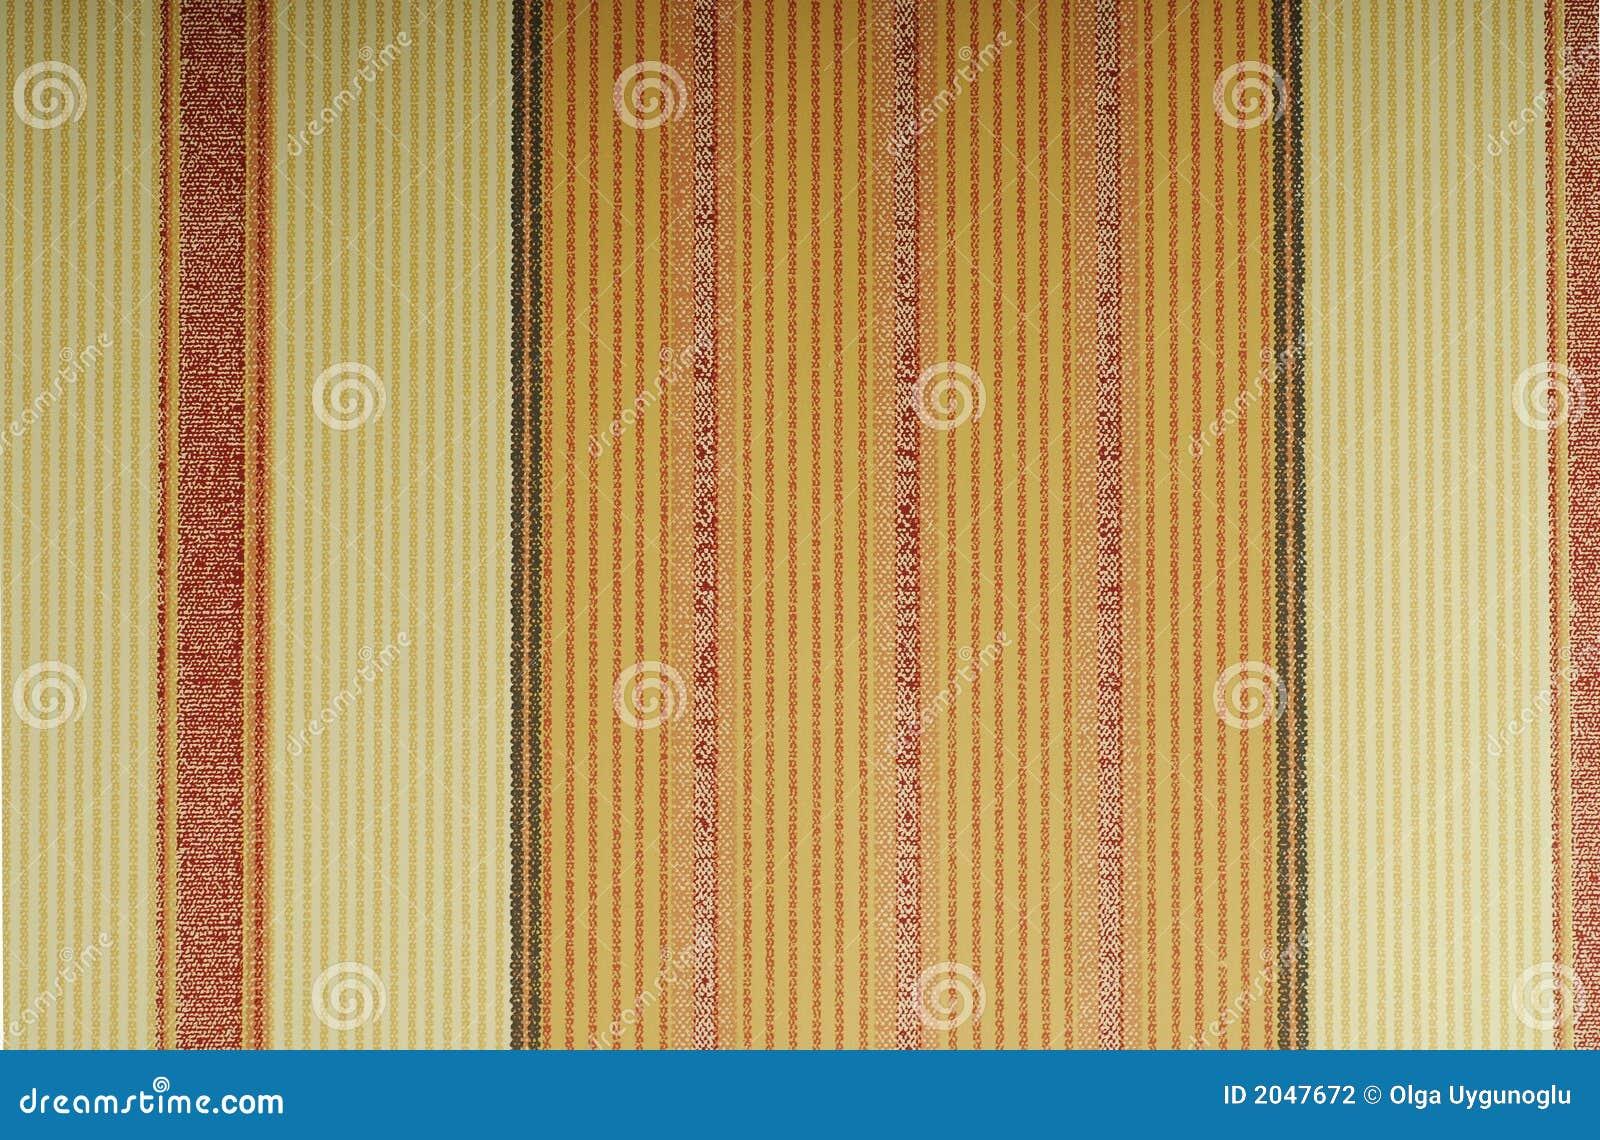 Carta Da Parati A Righe Verdi : Carta da parati arancione con le righe verticali fotografia stock